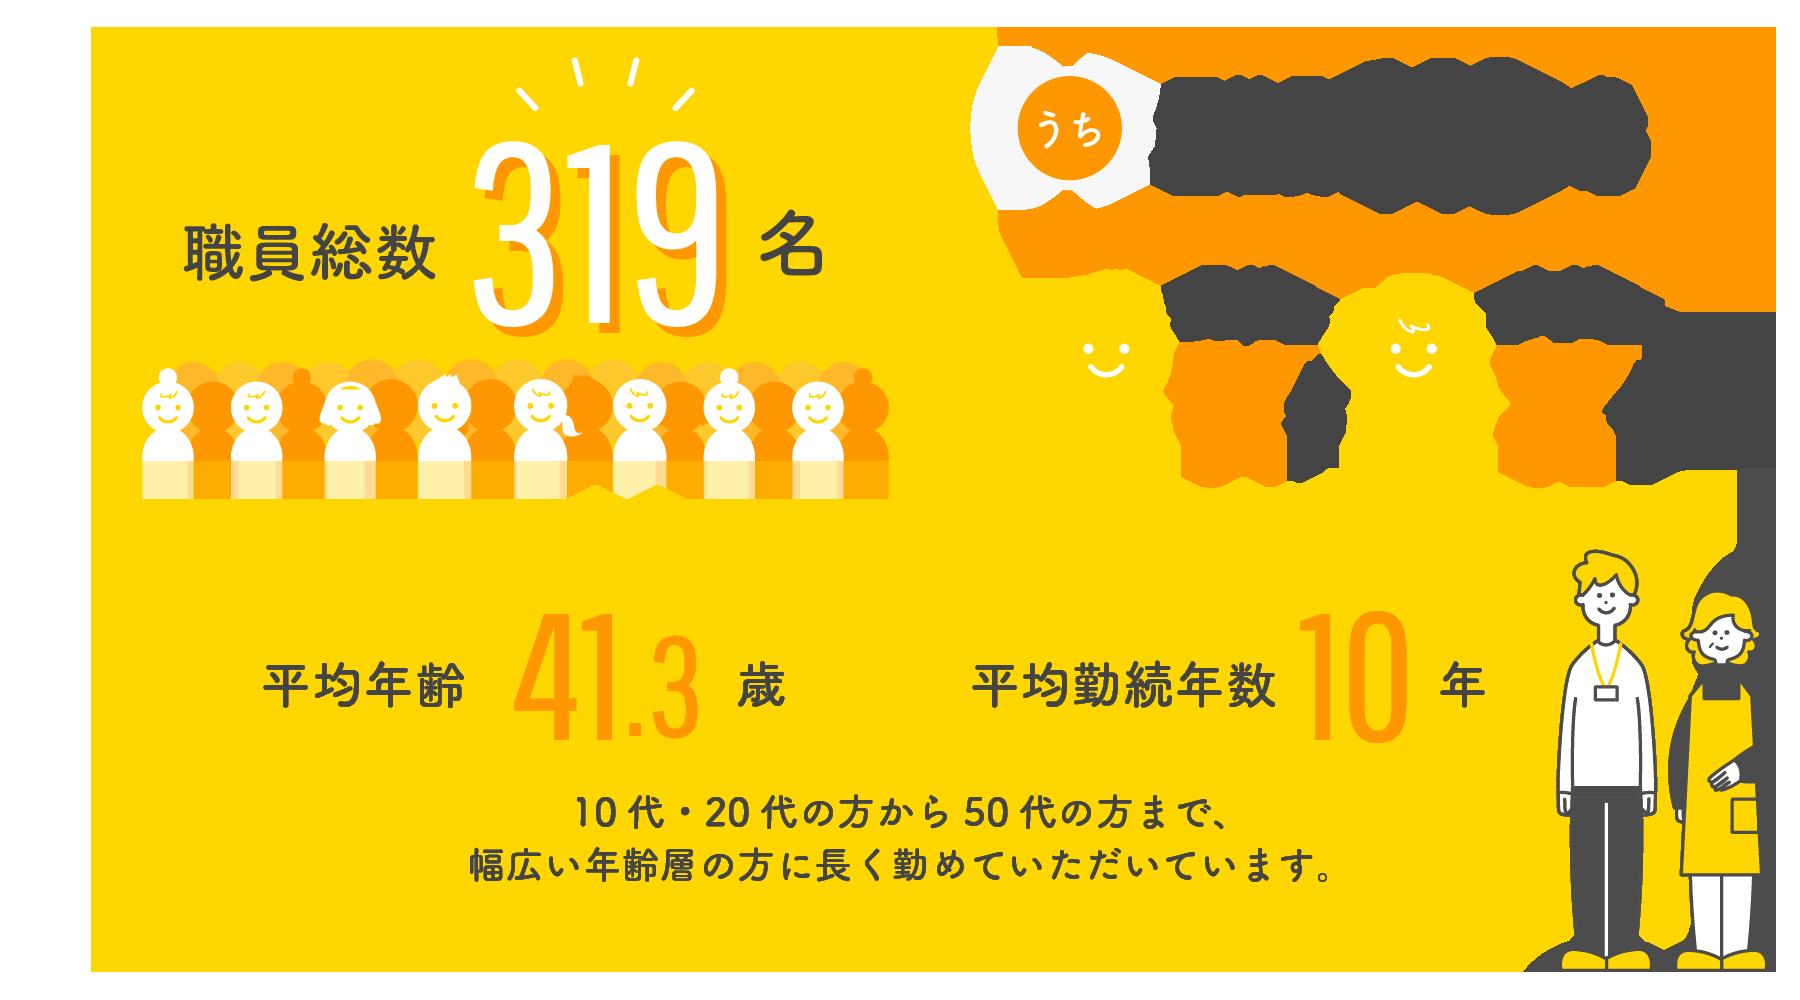 職員総数319名 / 平均年齢41.3歳 / 平均勤続年数10年